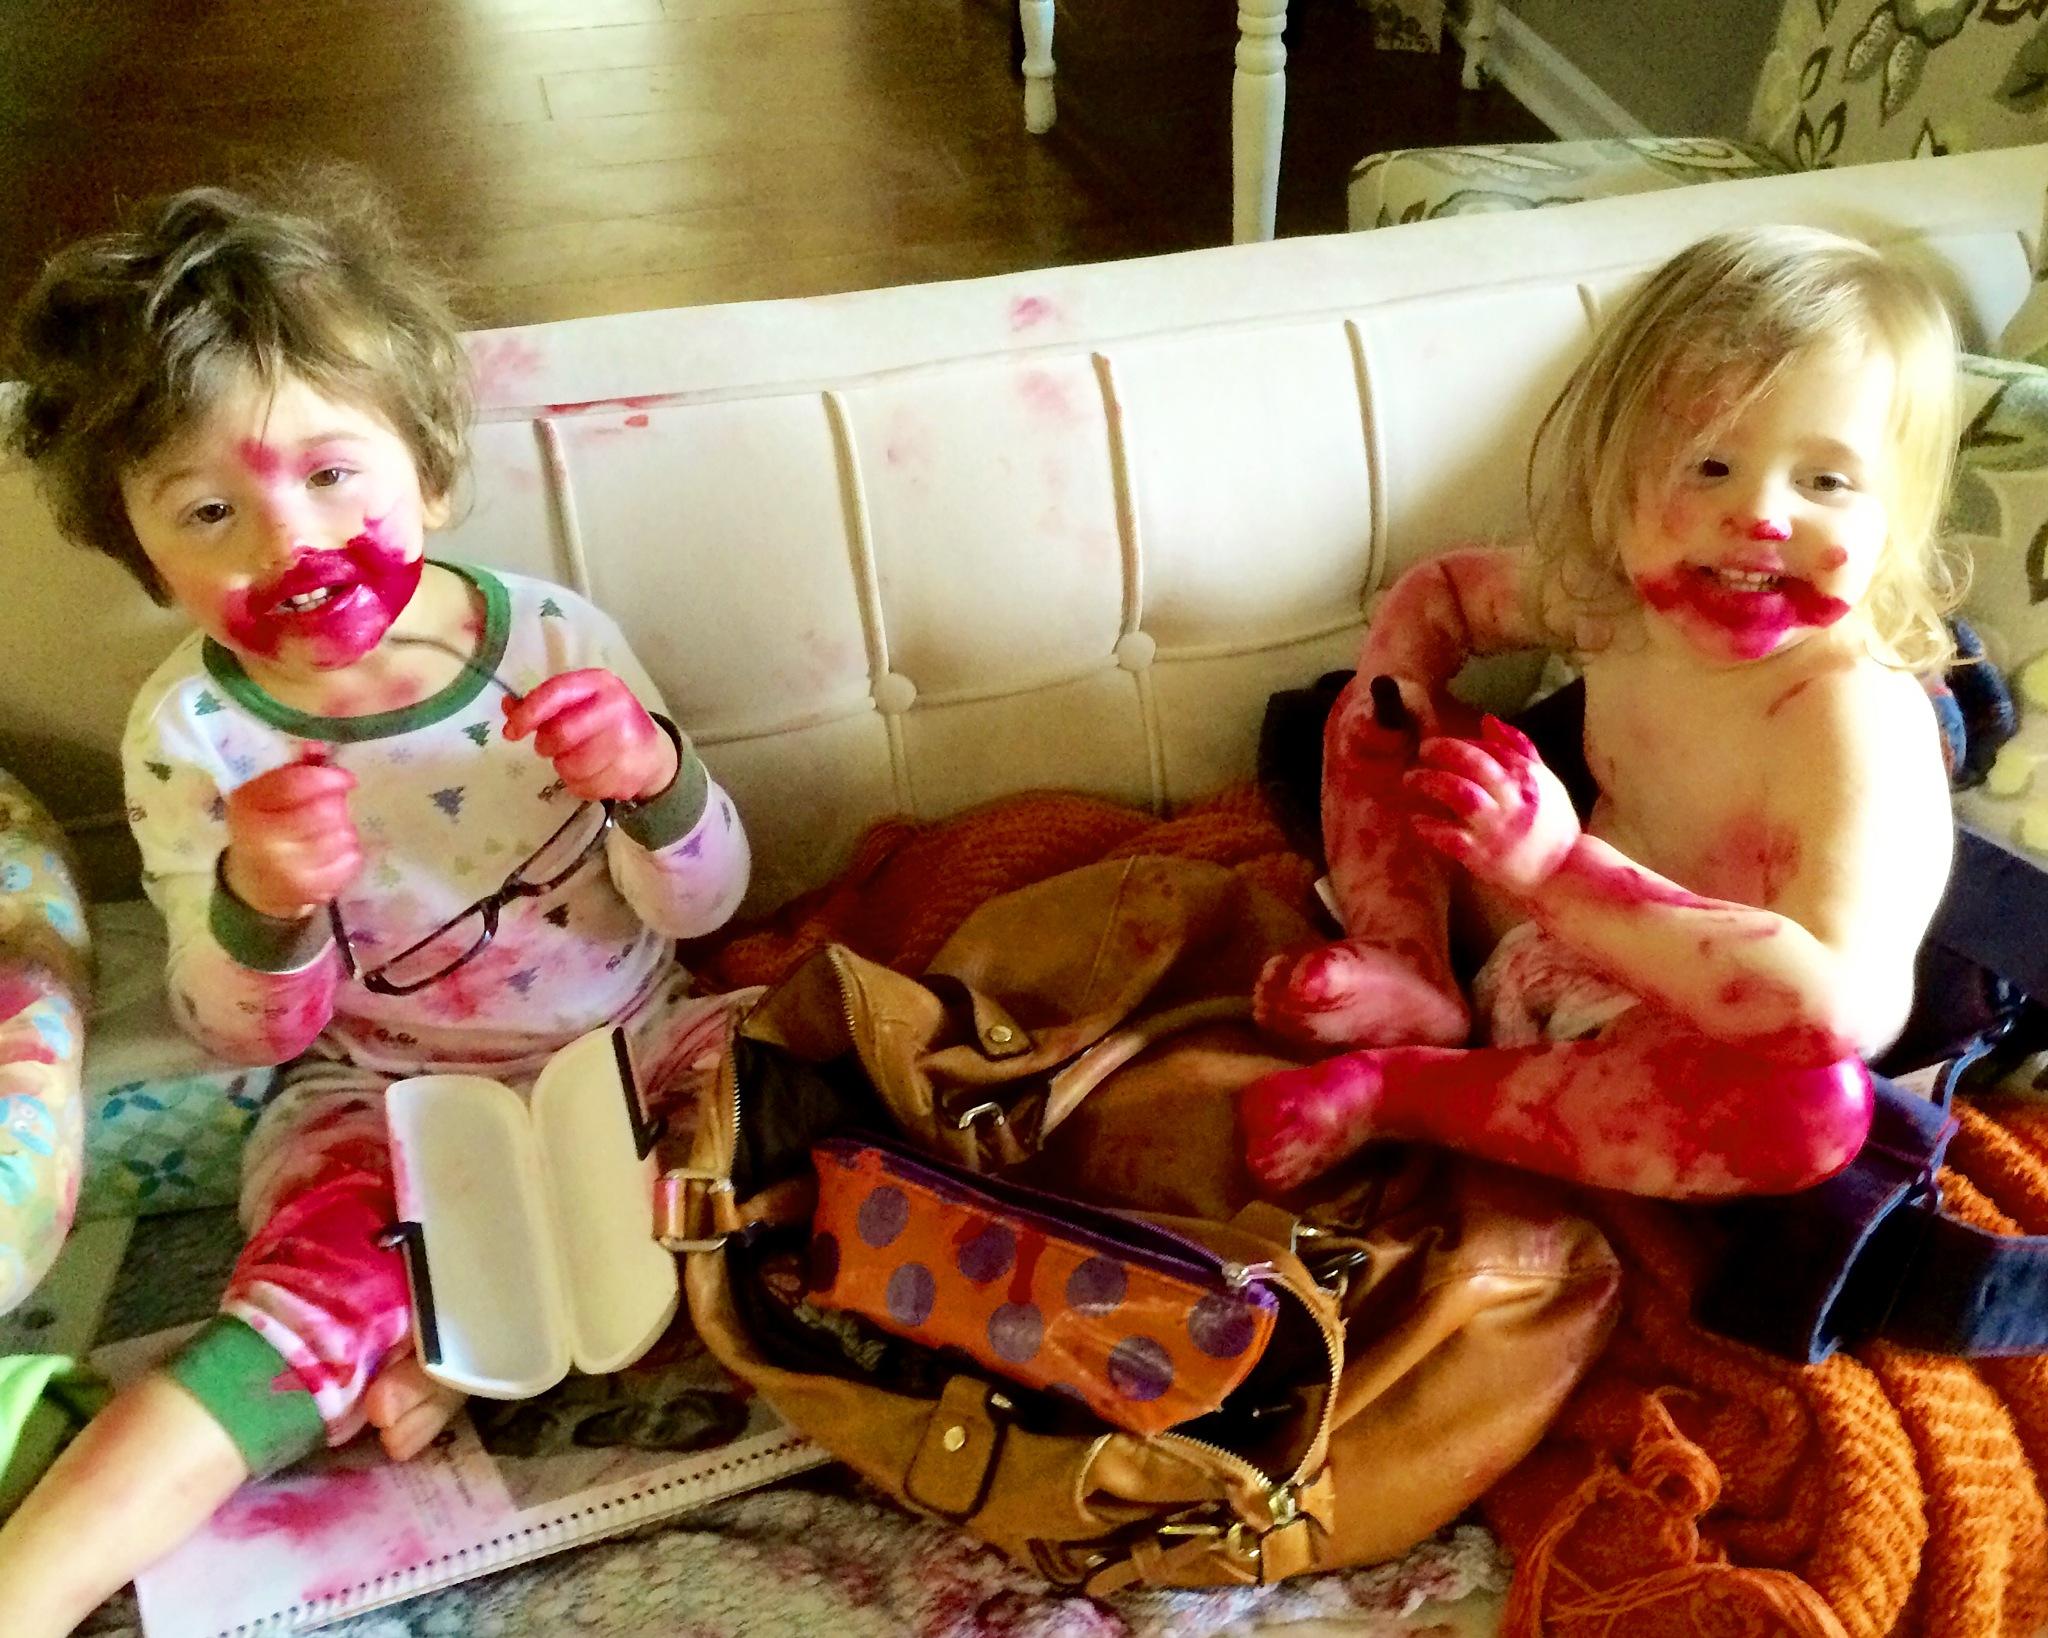 Lipstick Zombie Twins by Joe Seawright